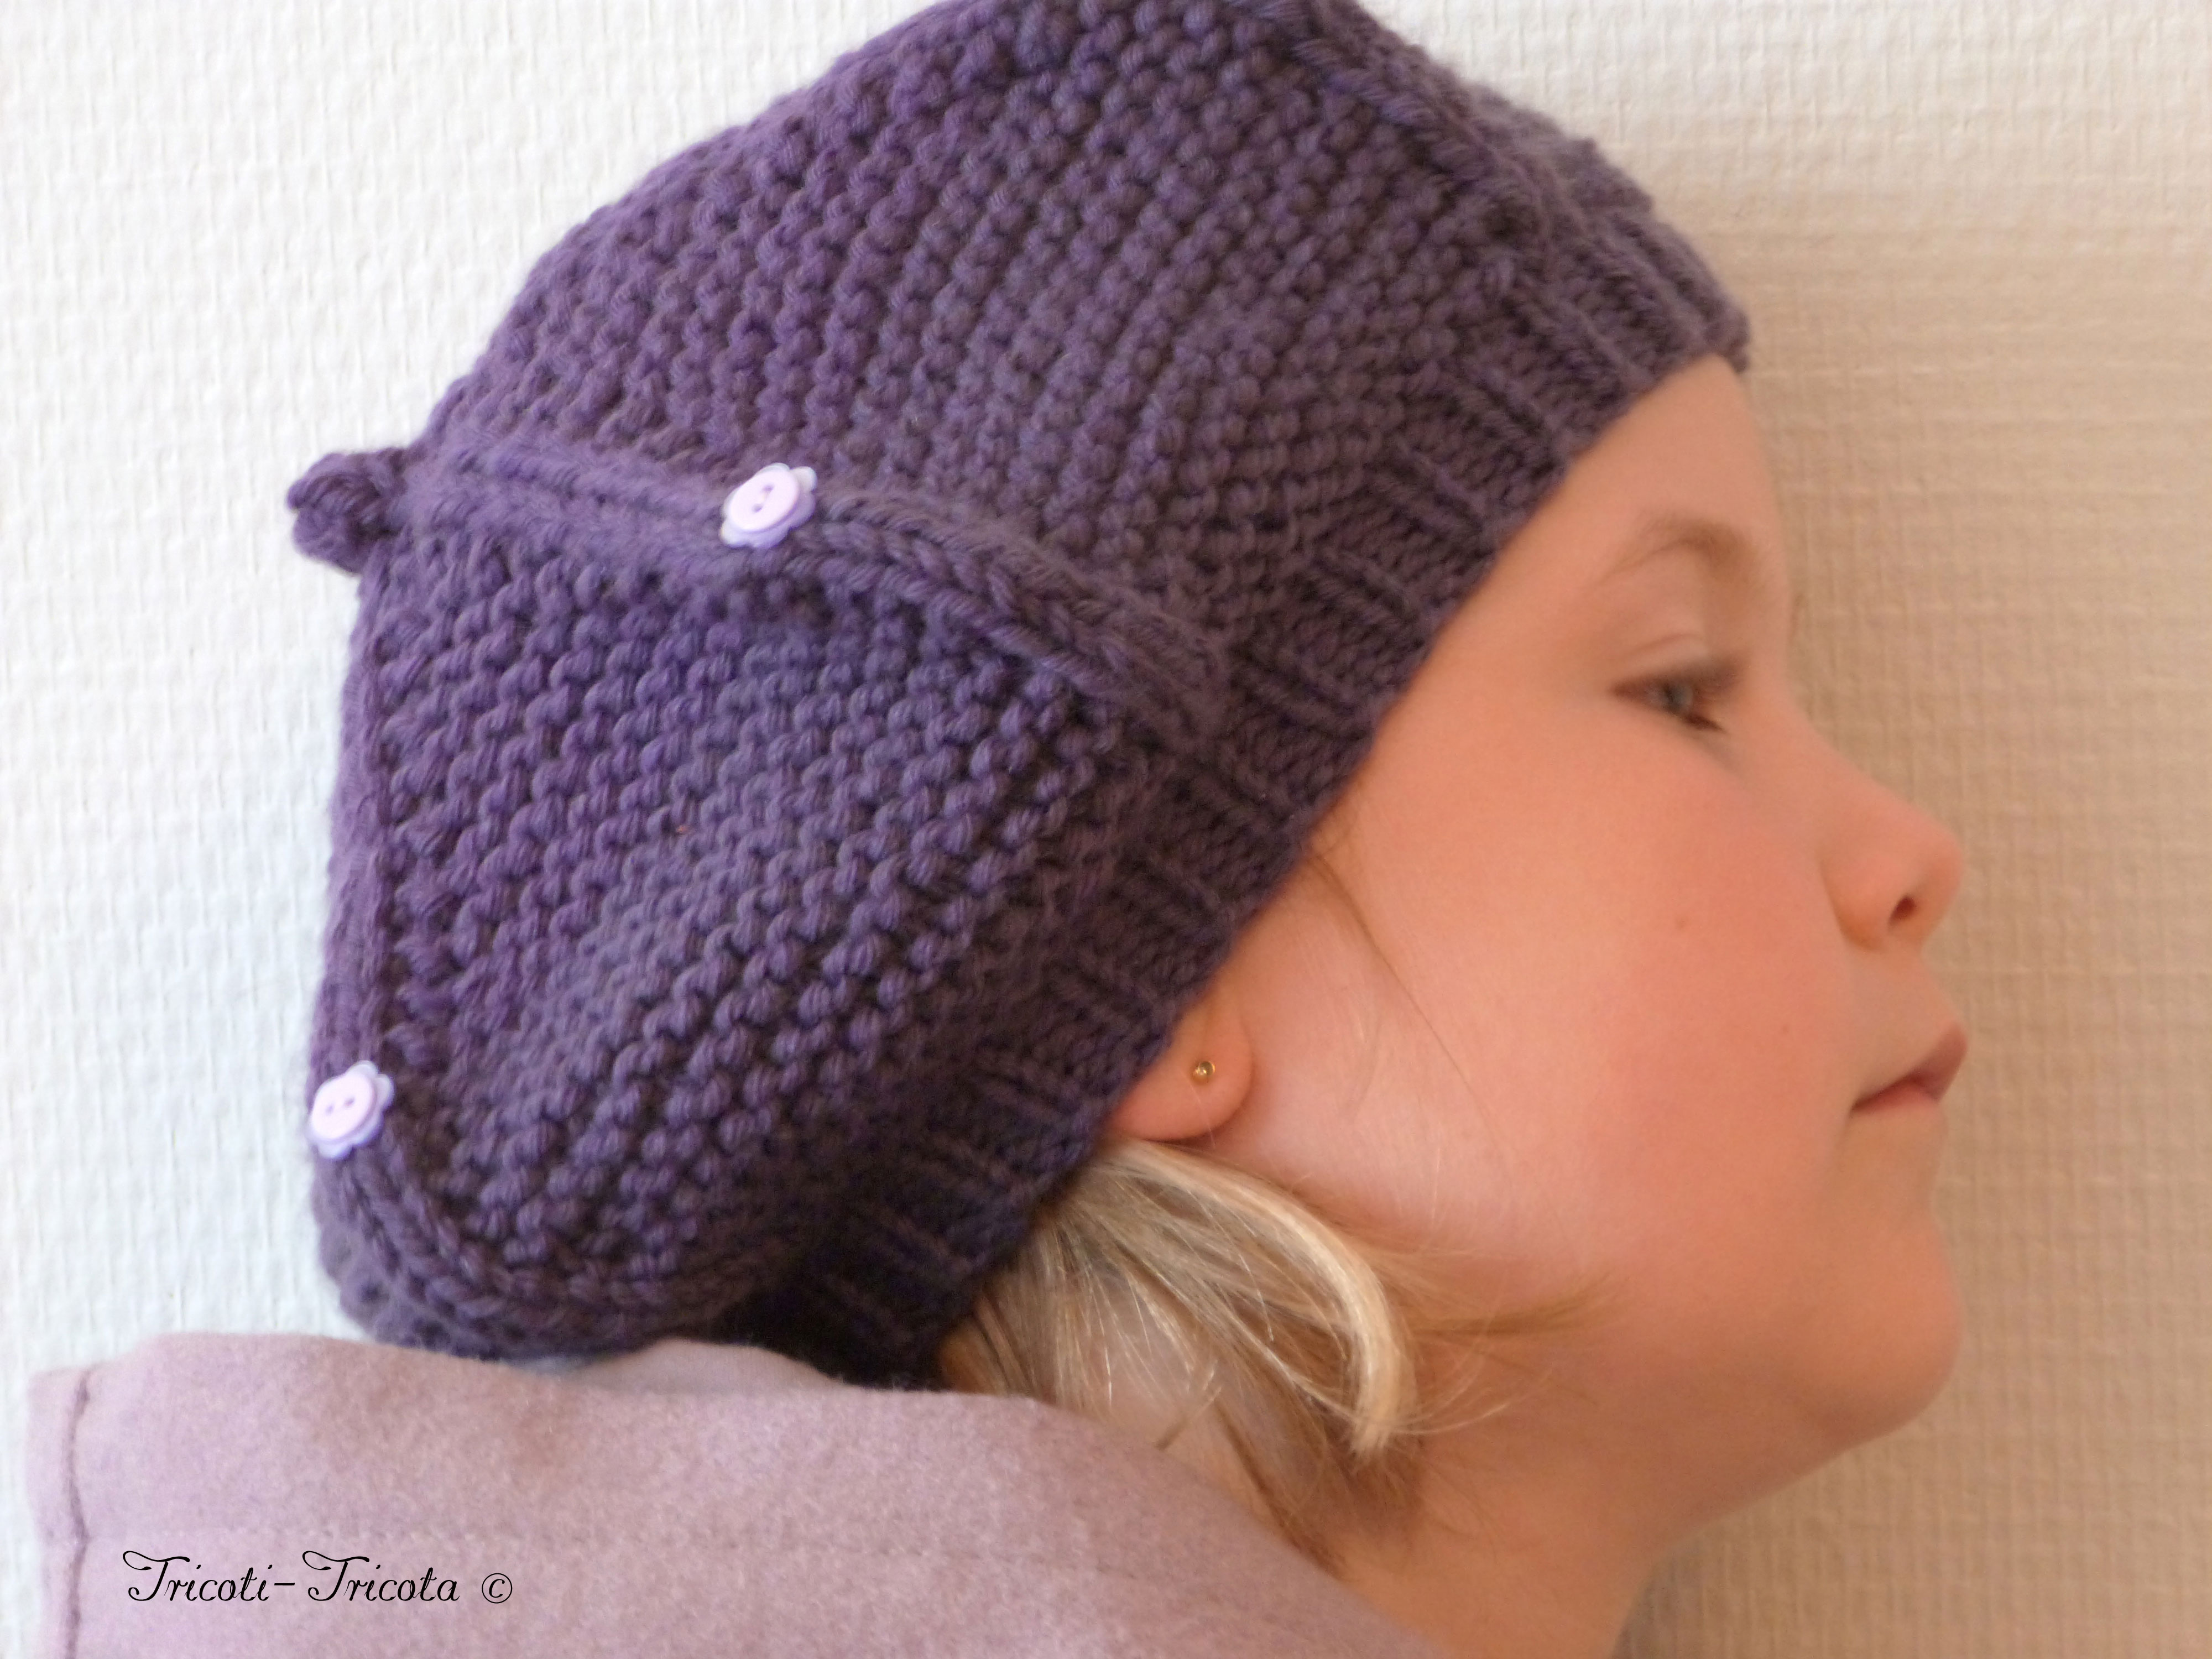 39822d5b21a Tricoter un bonnet pour fille de 6 ans - Idées de tricot gratuit